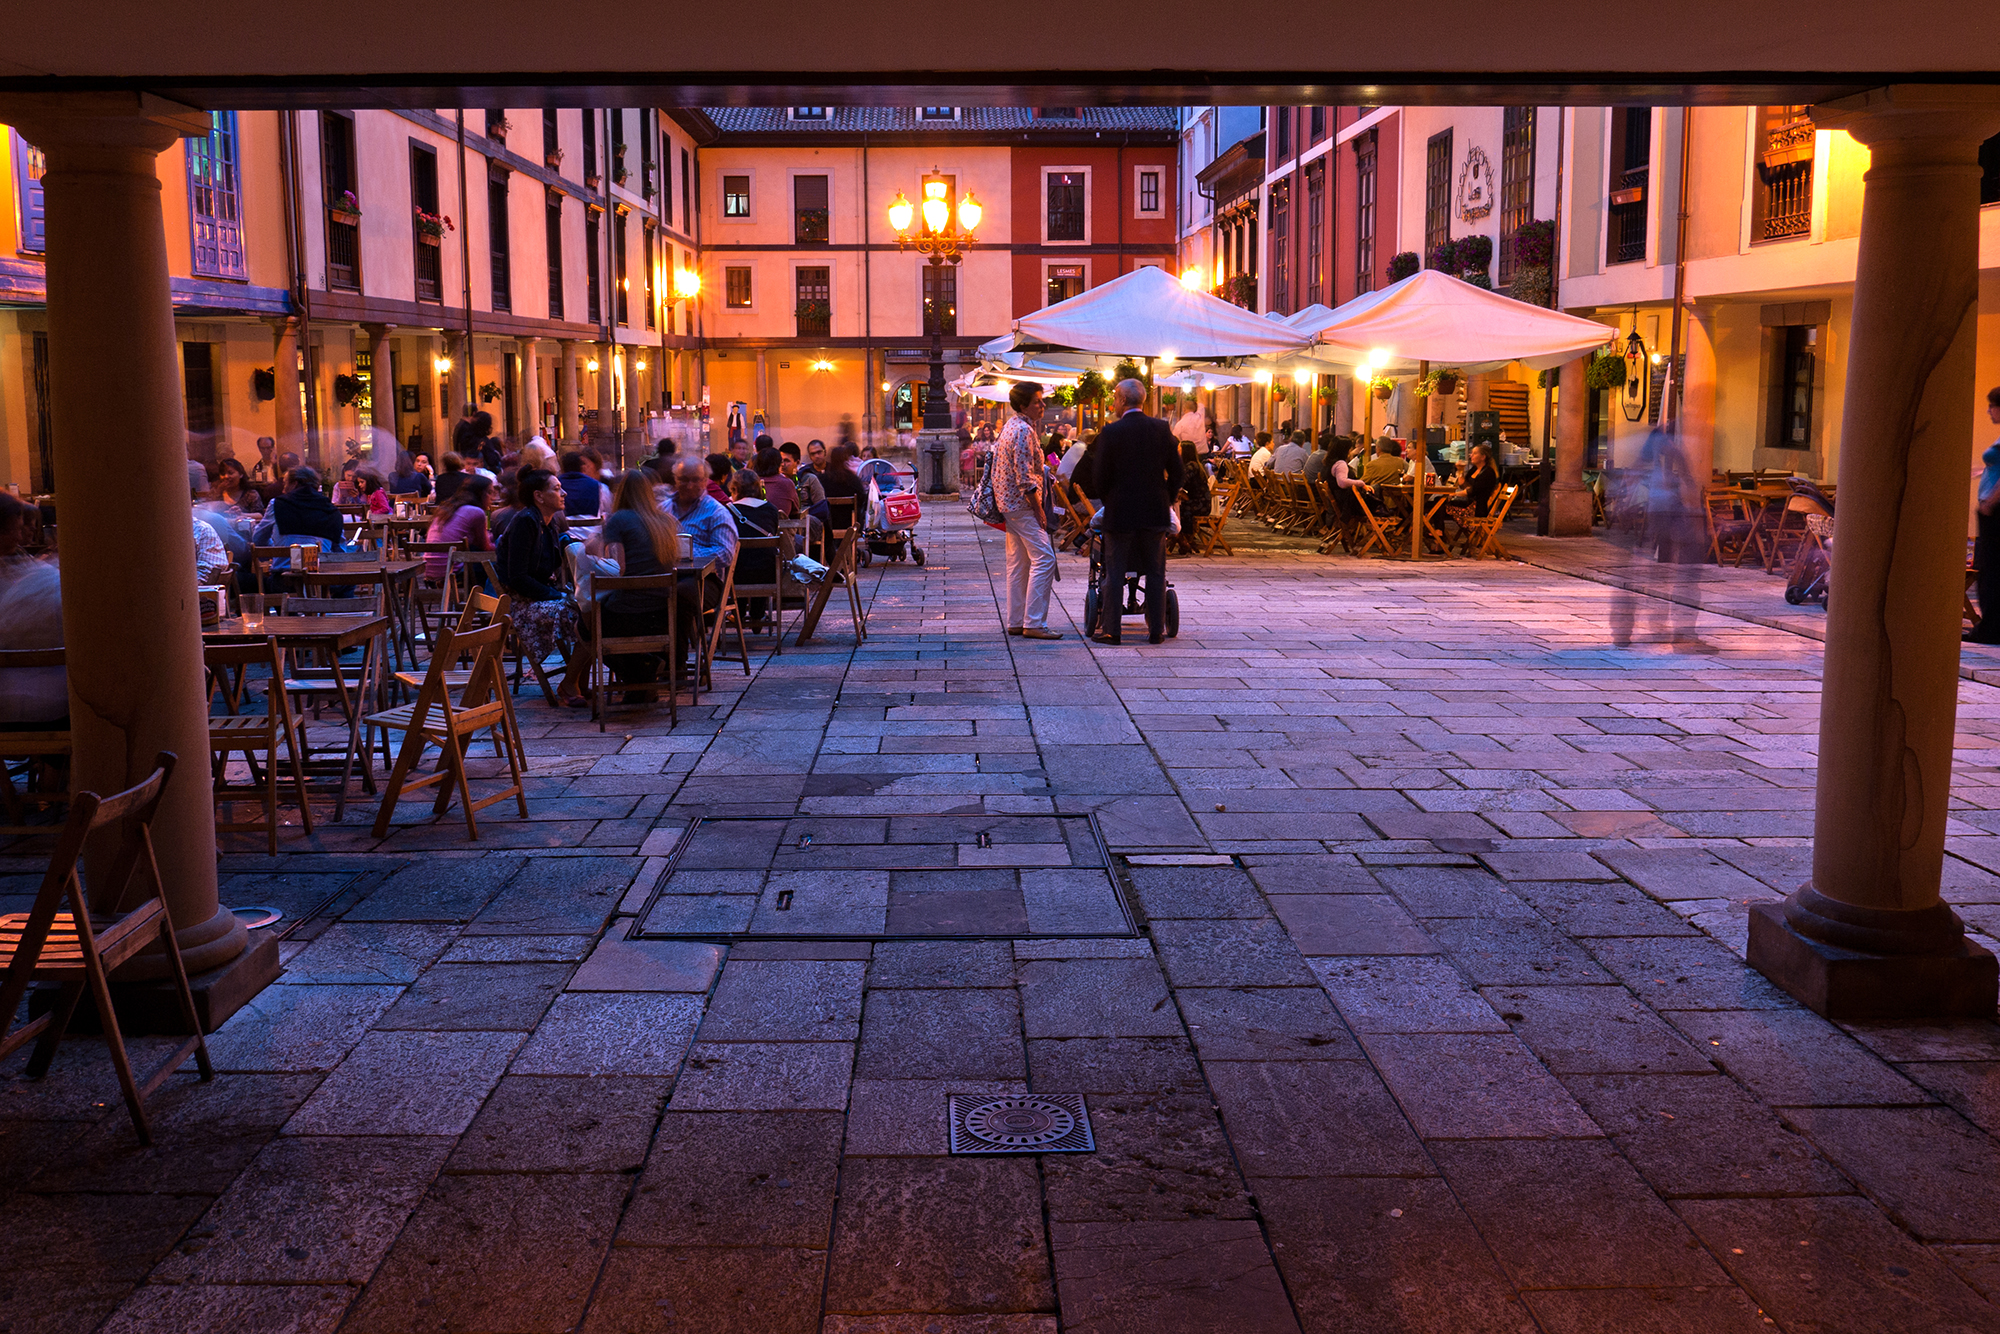 Qué ver en Oviedo - Plaza del Fontán. Foto: Turismo de Asturias - Carlos Salvo.